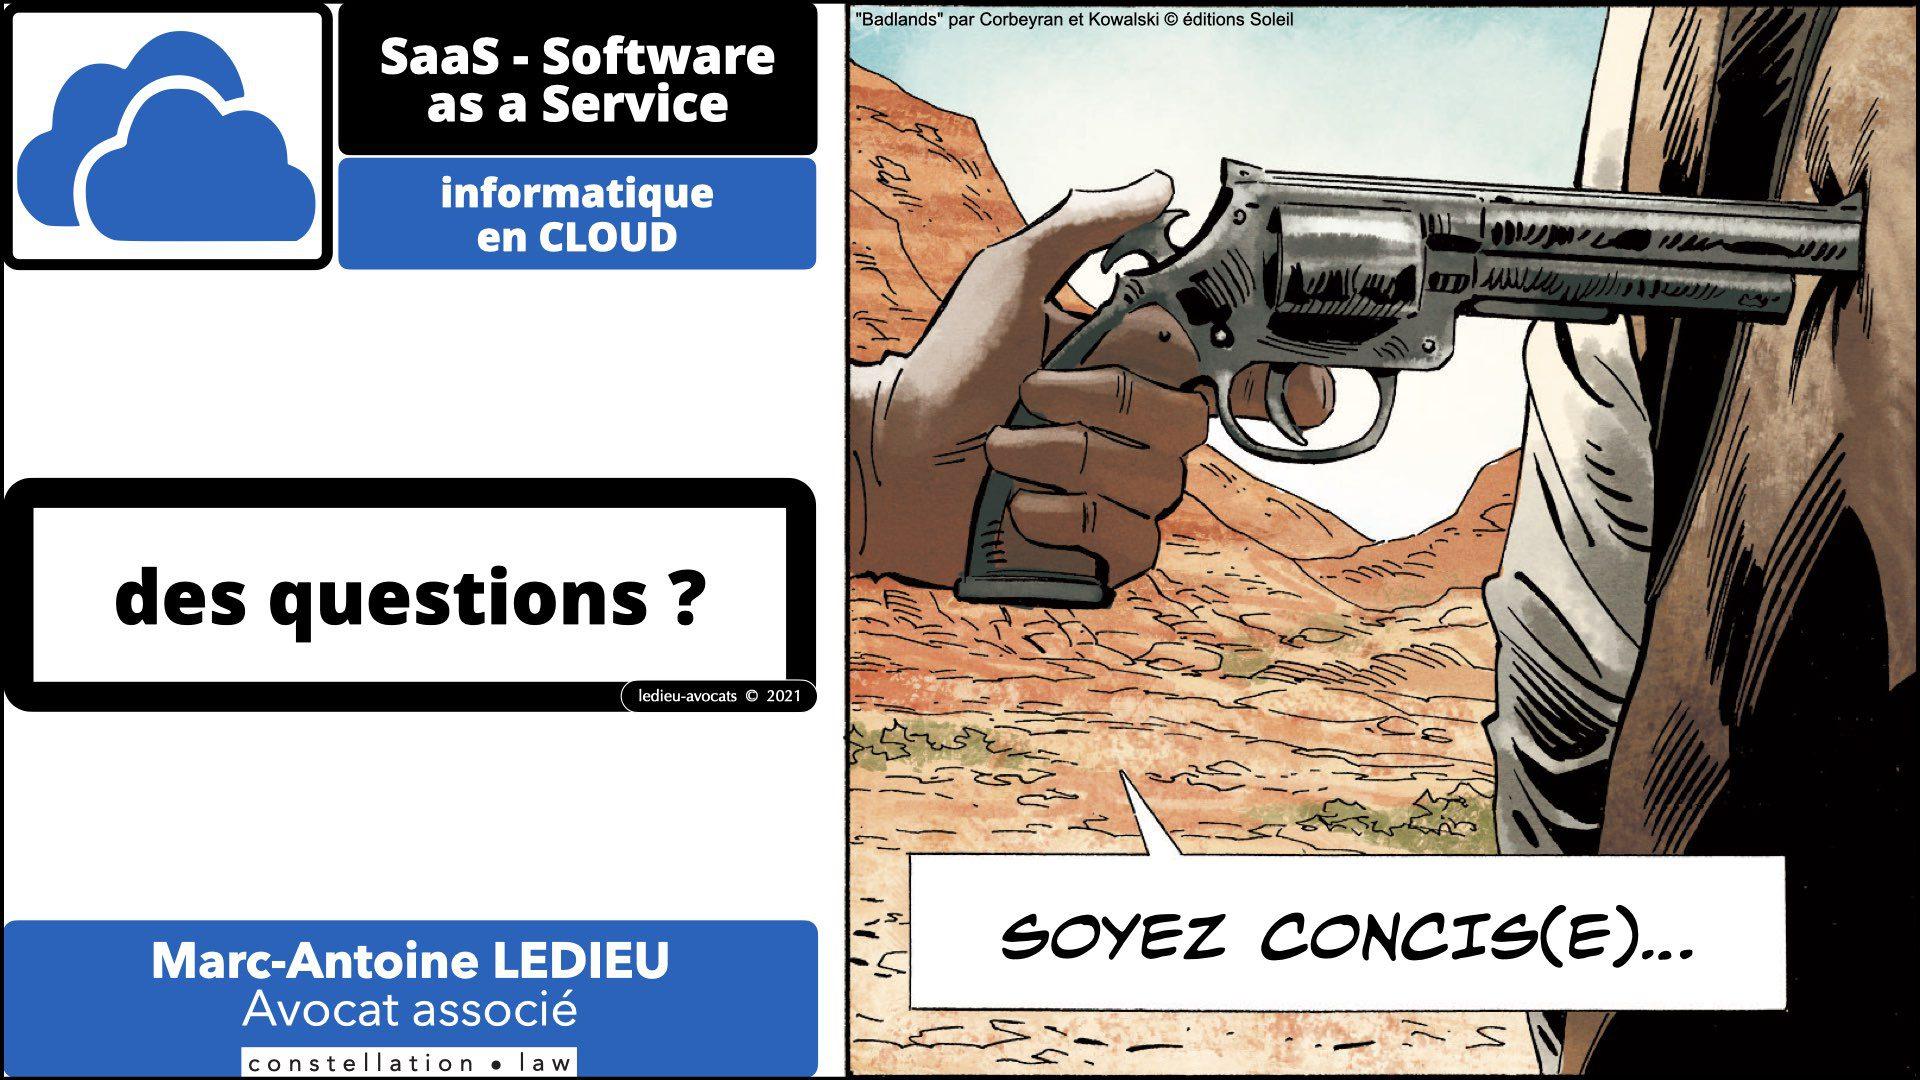 343 service LOGICIEL SaaS Software-as-a-Service cloud computing © Ledieu-Avocats technique droit numerique 30-08-2021.070